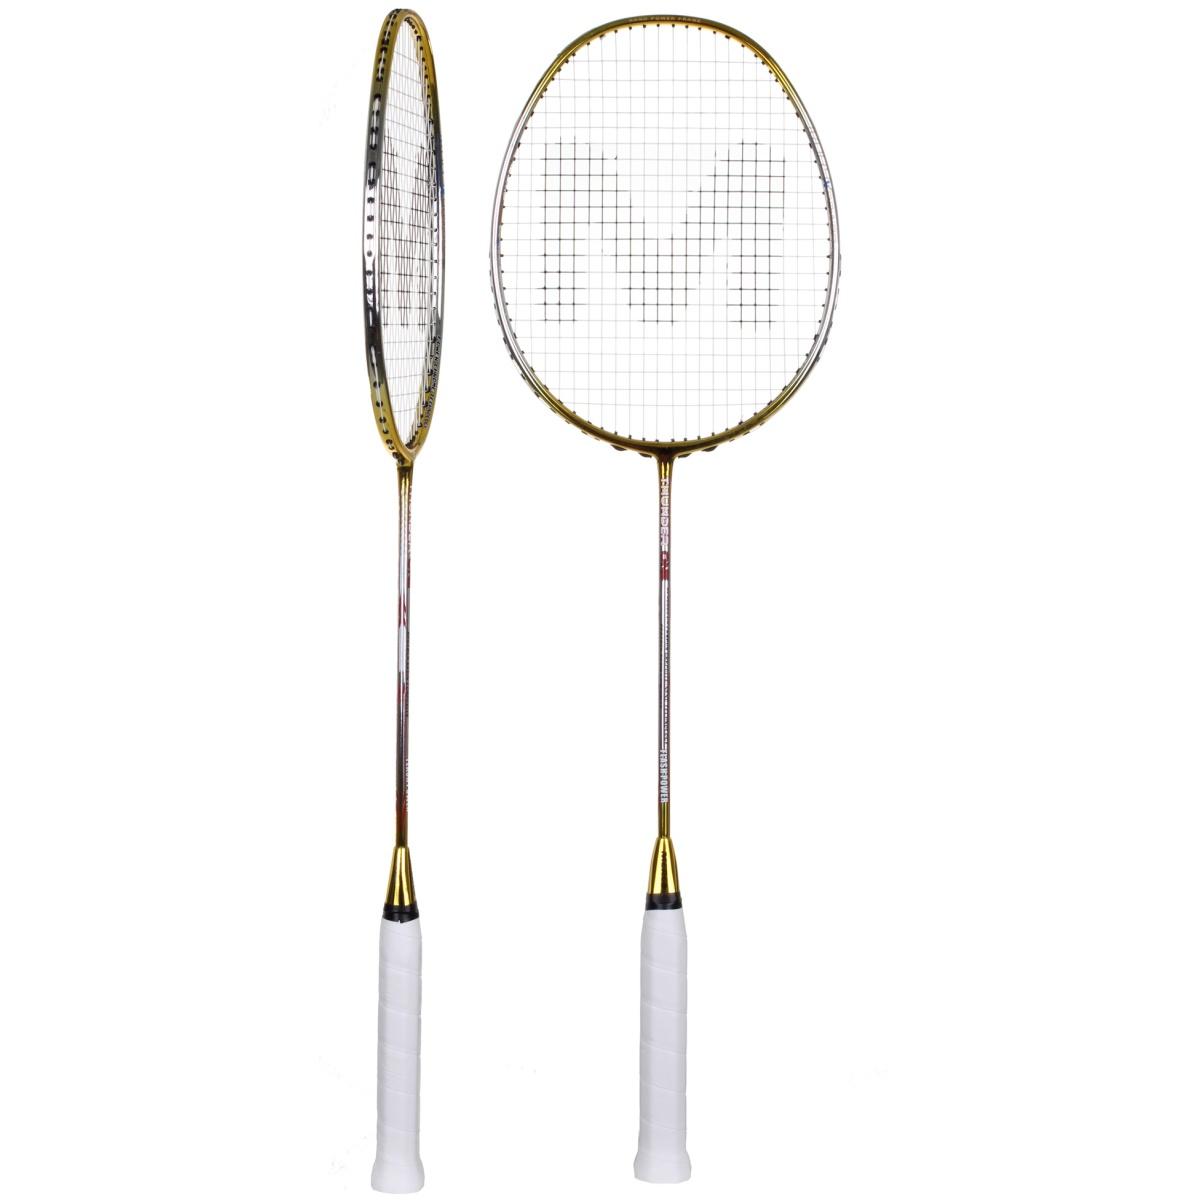 Badmintonová raketa MERCO Thunder One